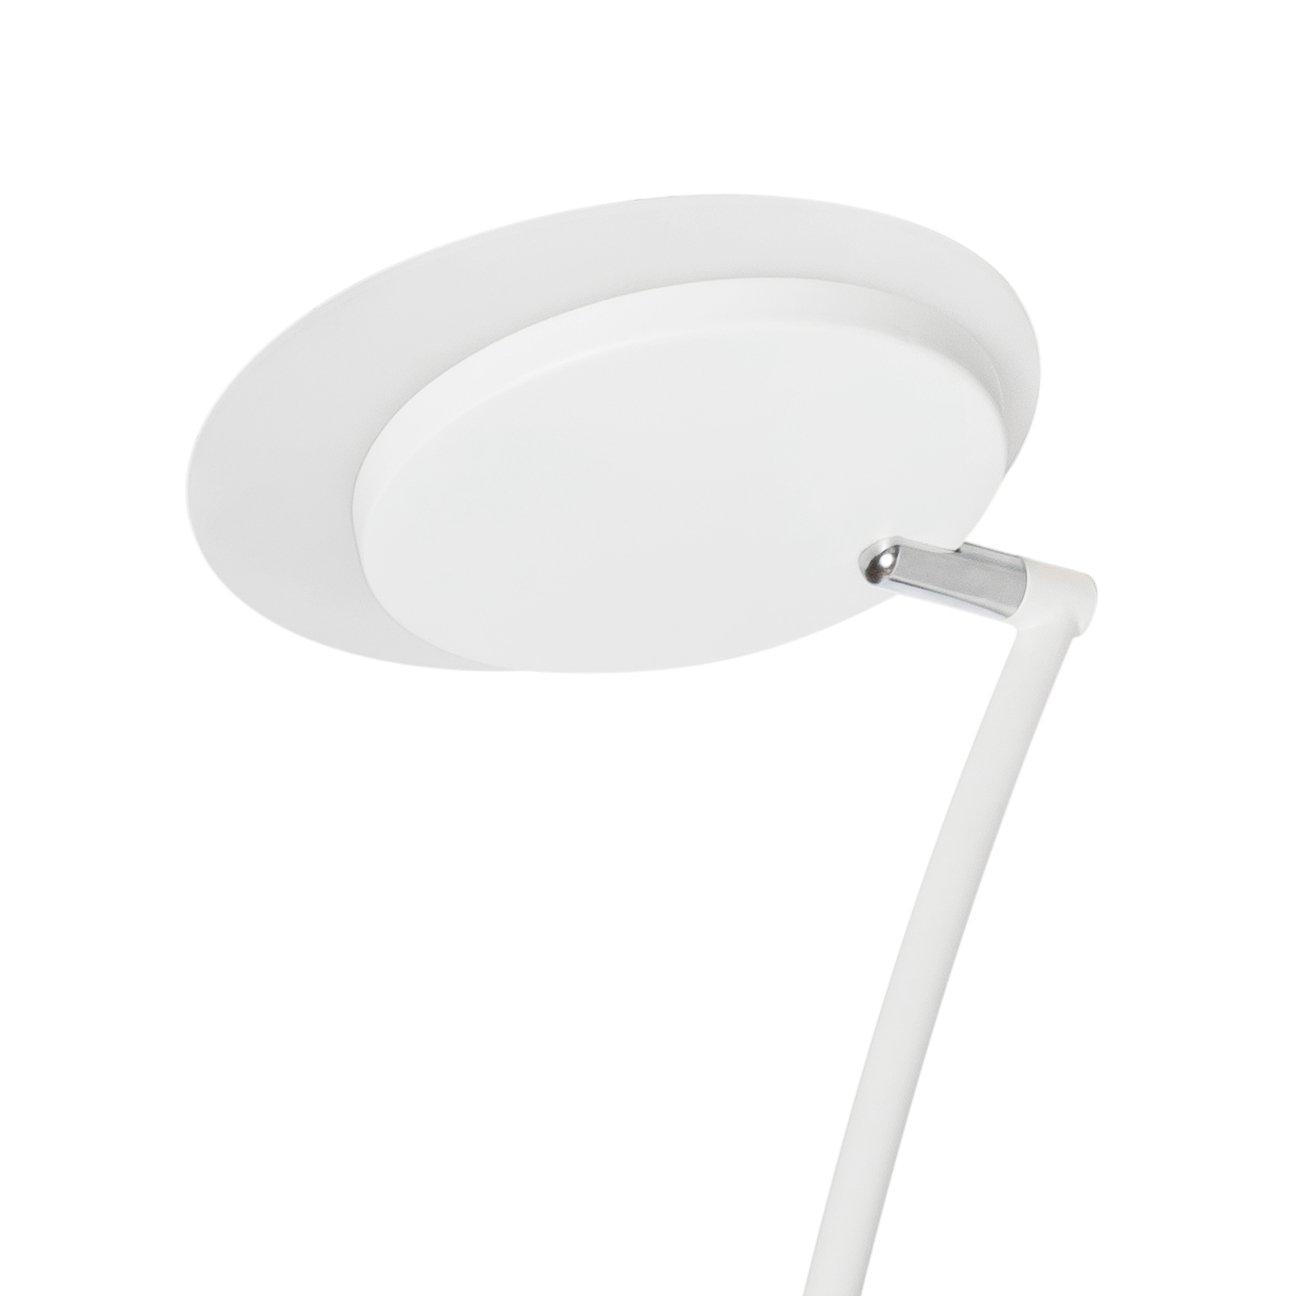 28/x 23.5/x 183/cm 24/W bianco opaco e cromo satinato SULION dordo/ña Pie di salotto LED rotante